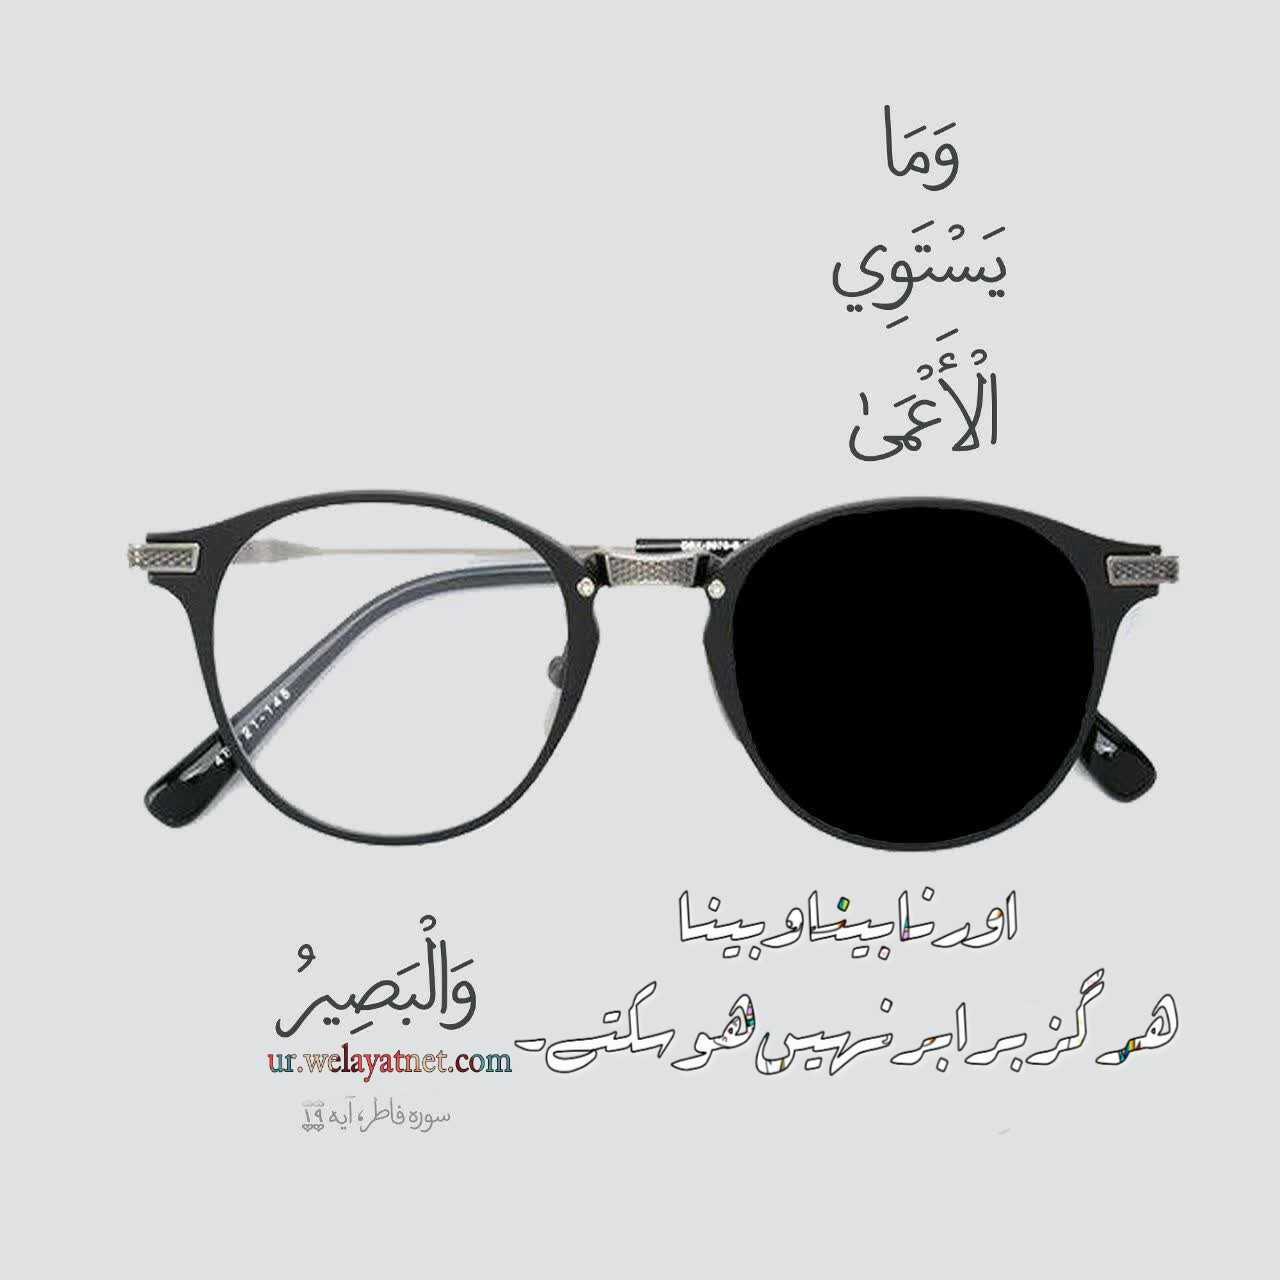 نابینا و بینا ہرگز برابر نہیں ہوسکتے